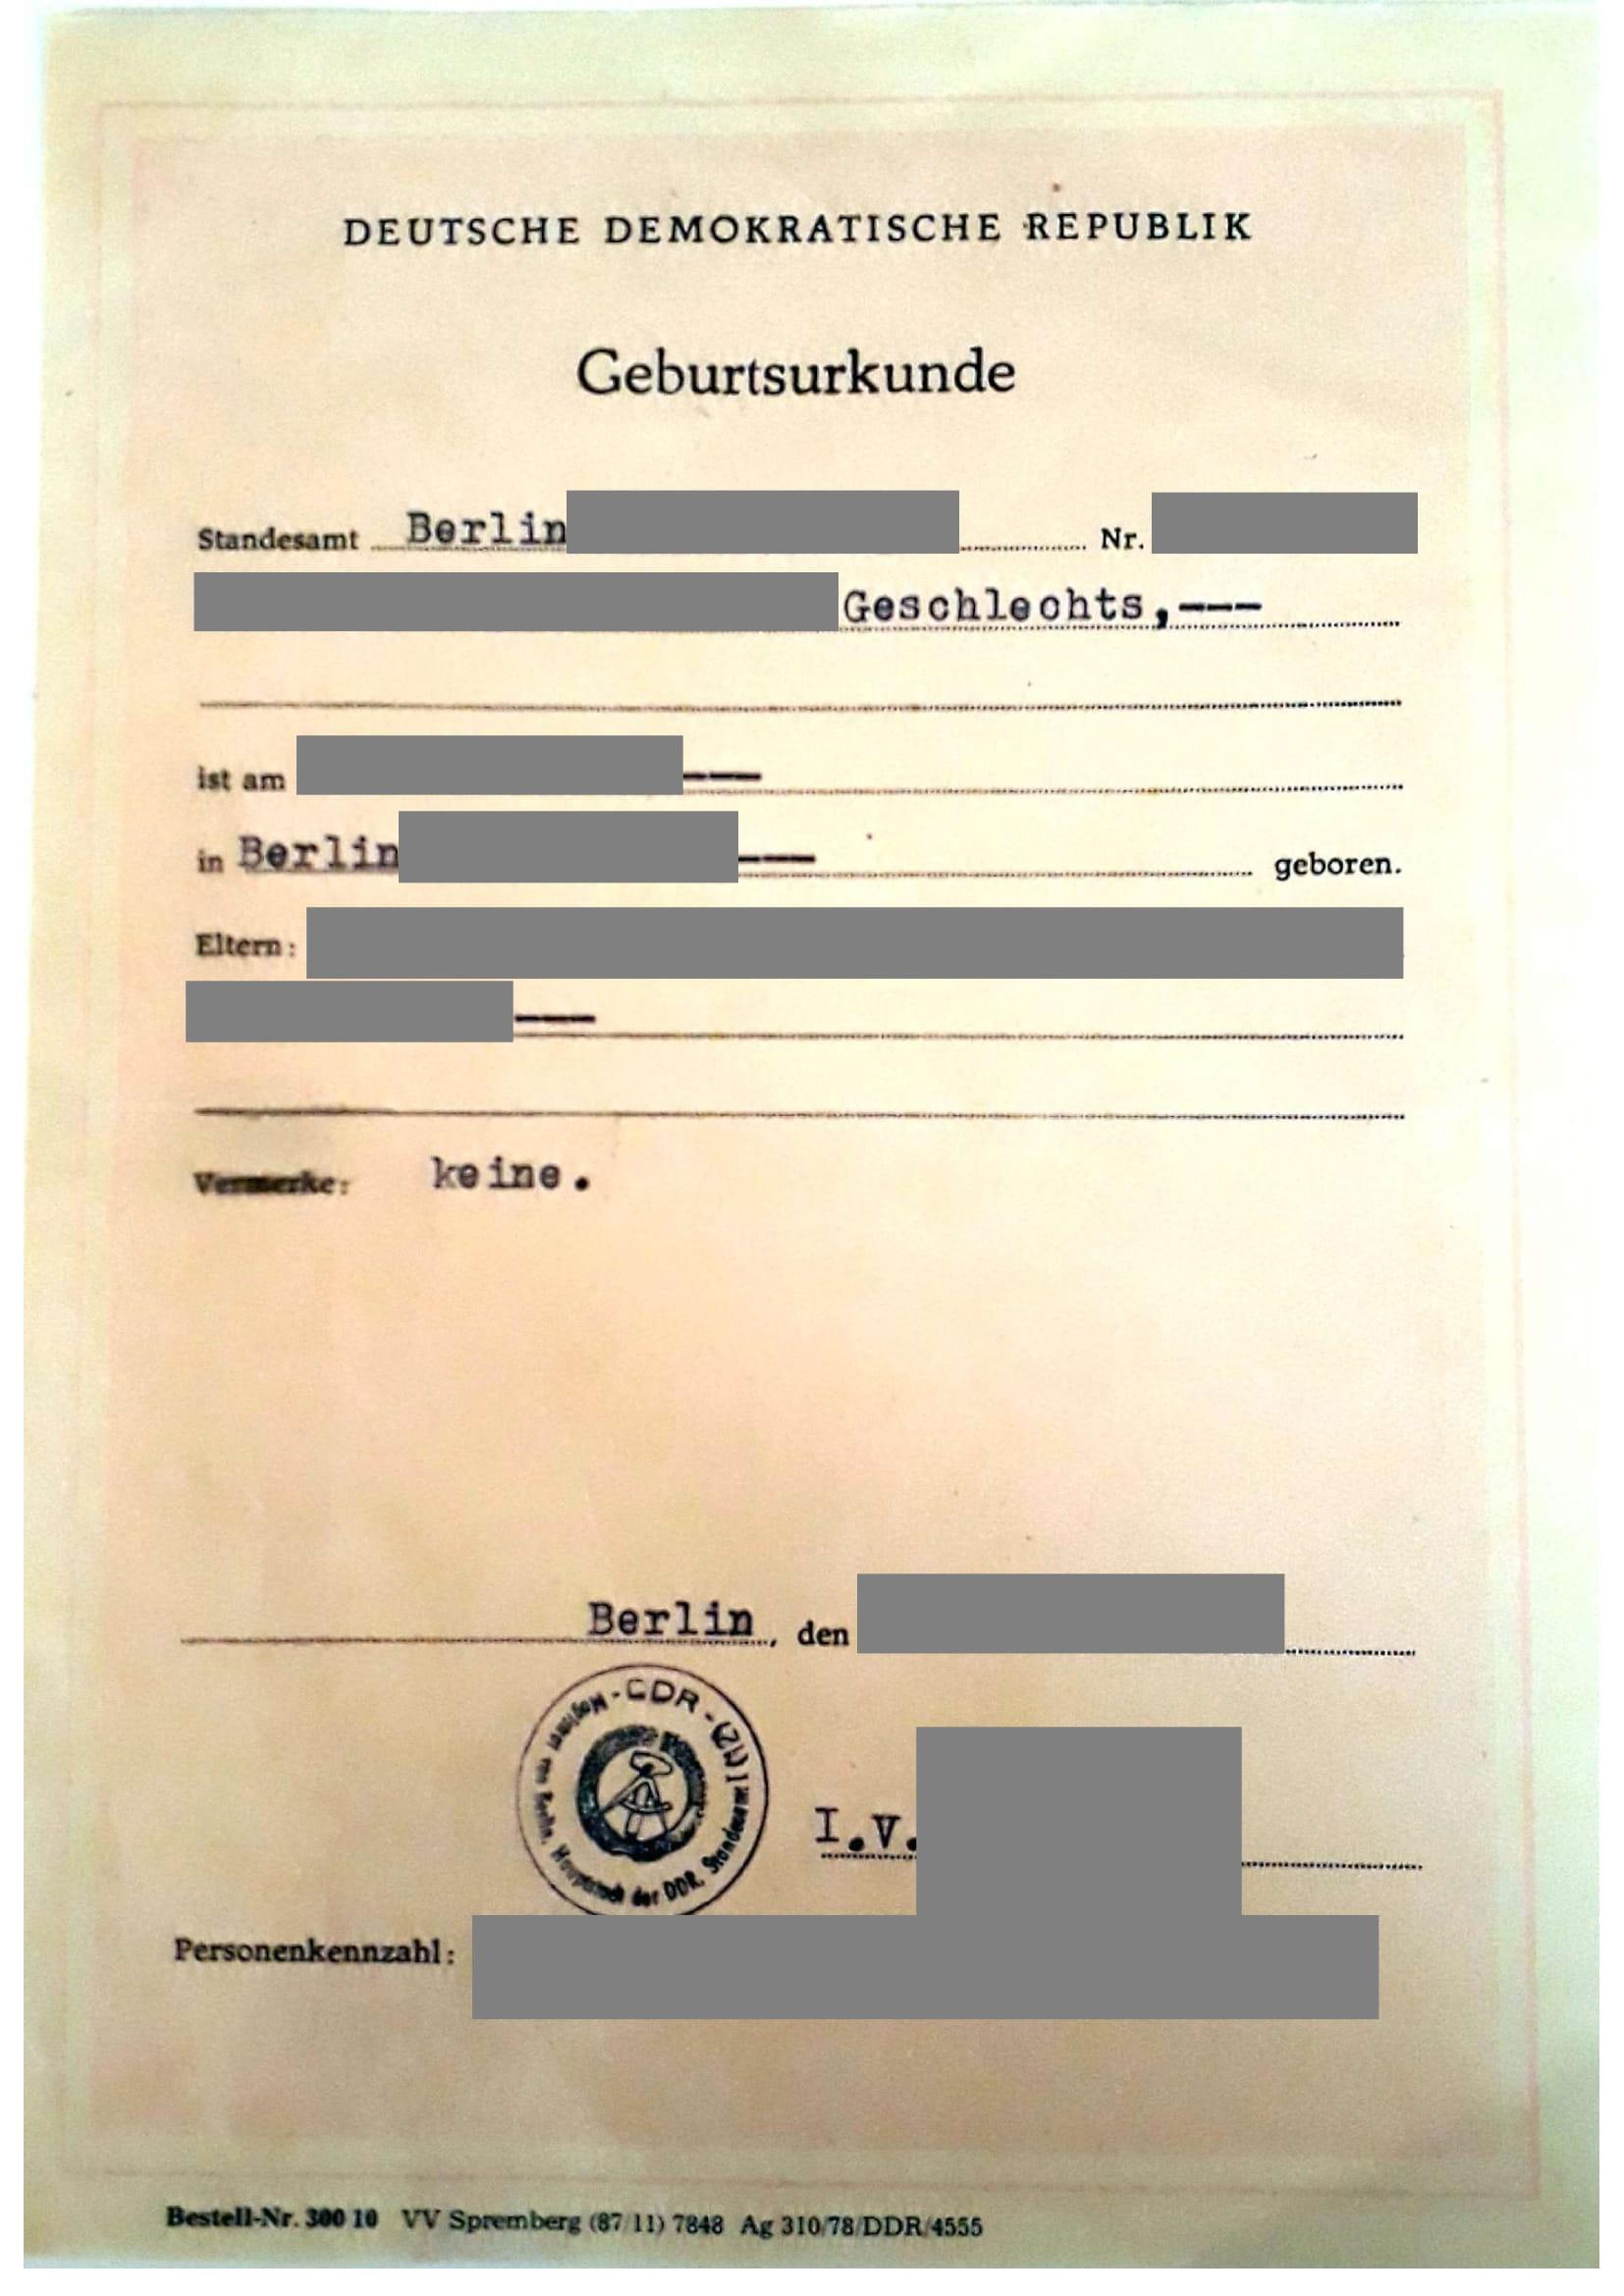 Beglaubigte Übersetzung Geburtsurkunde DDR